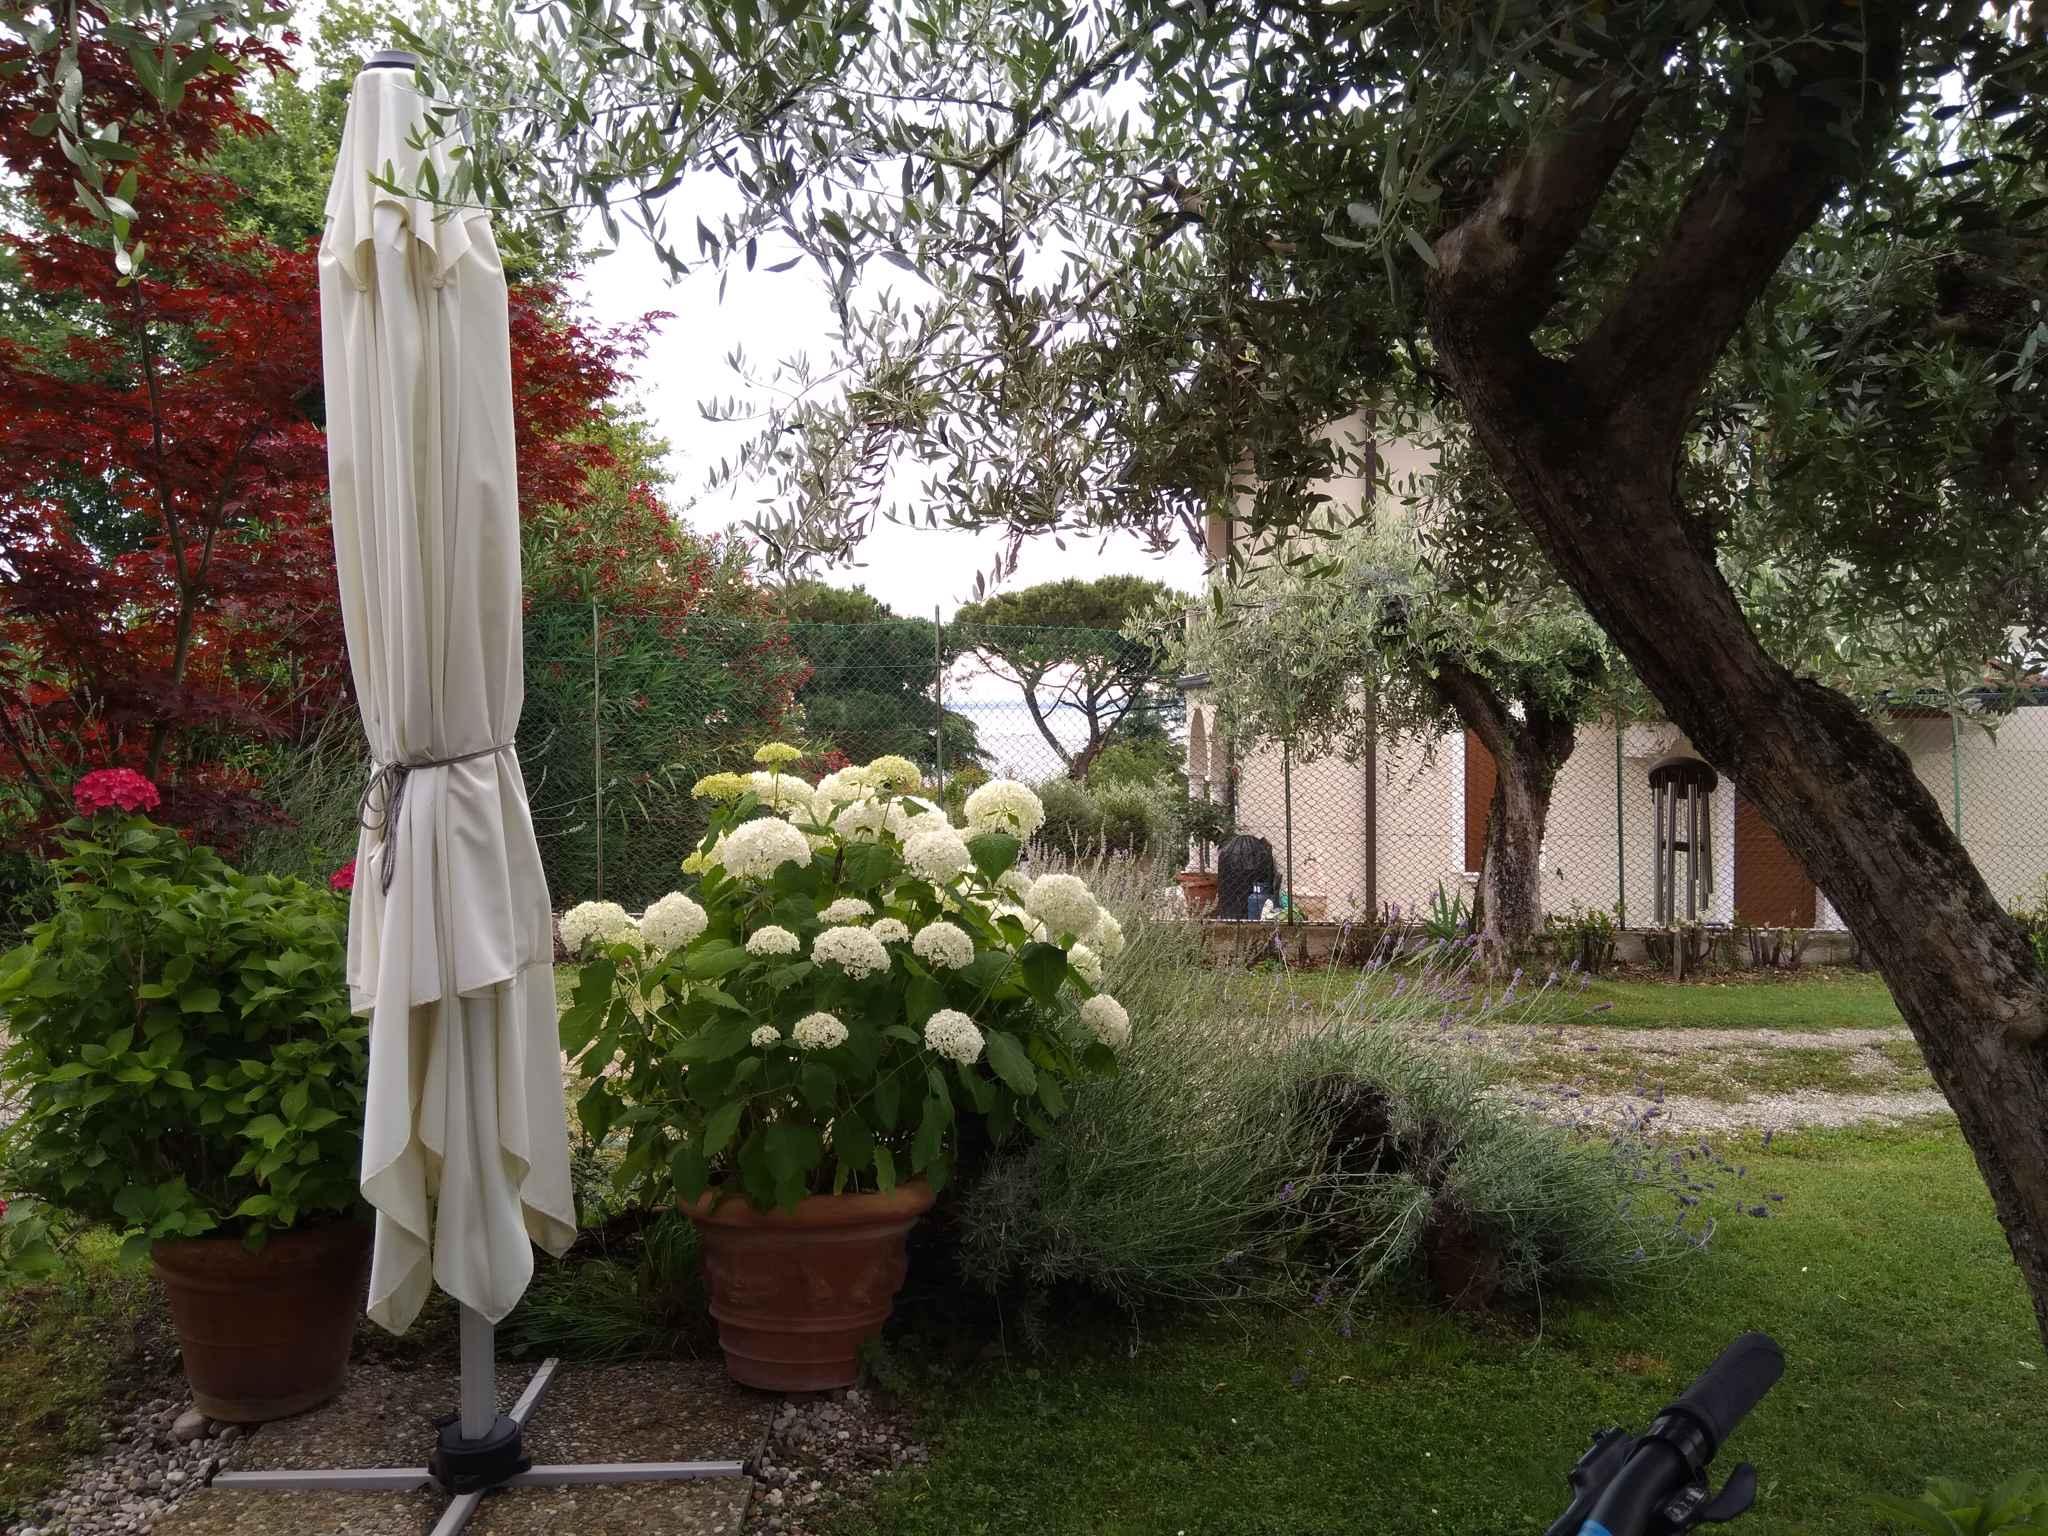 Ferienwohnung 400 m vom See mit Garten und Grill (1670470), Padenghe sul Garda, Gardasee, Lombardei, Italien, Bild 14